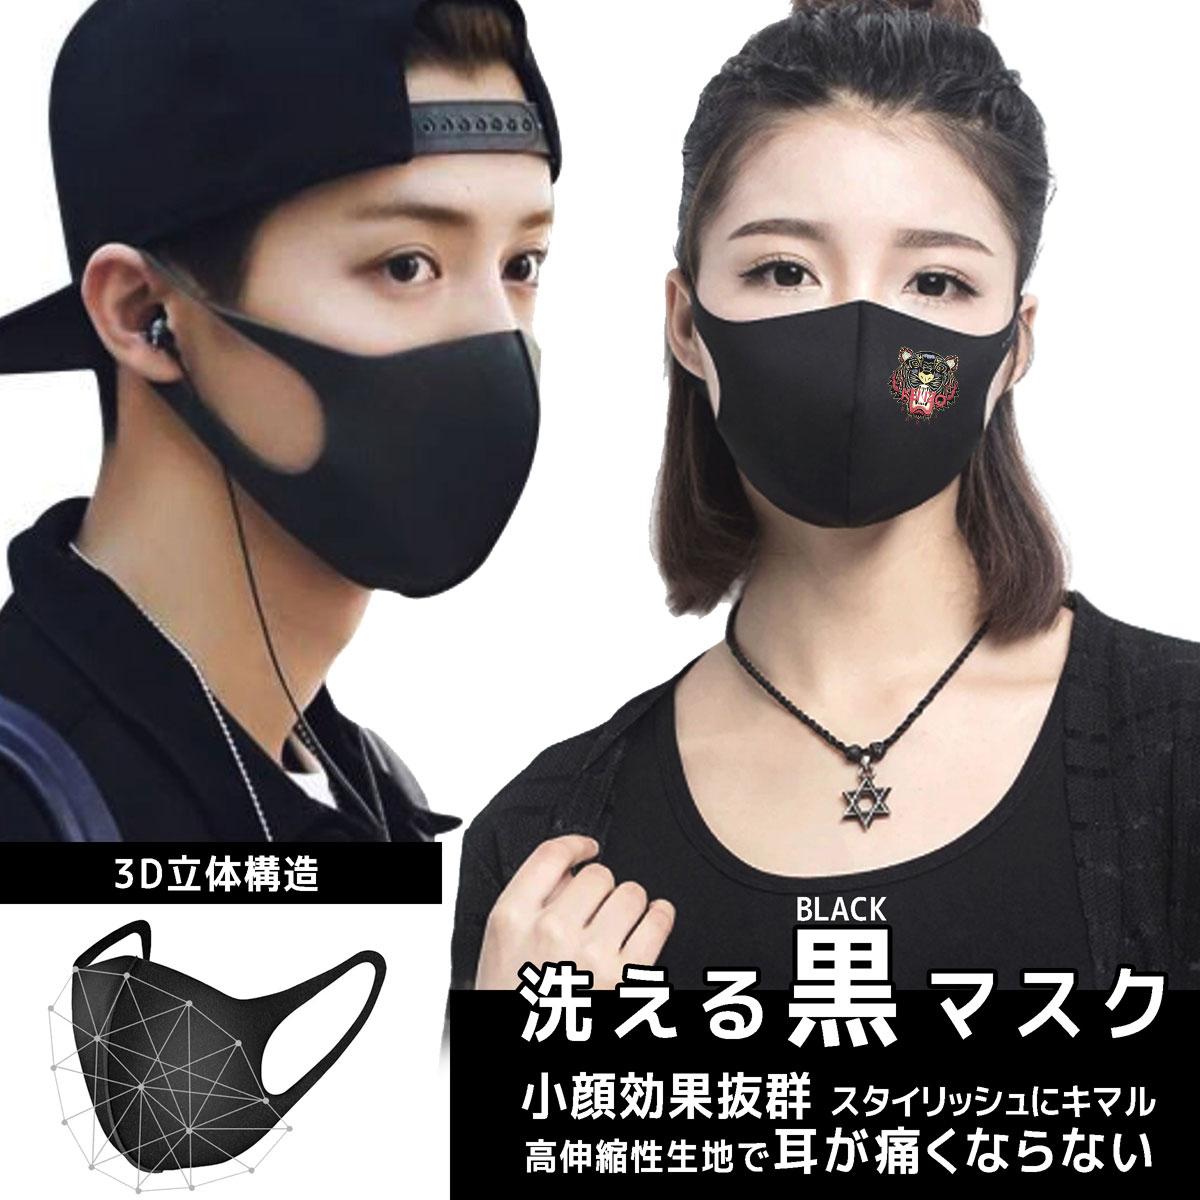 ブランド風KENZOマスクロゴ刺繍 多機能 3D立体マスク小颜 黒マスク